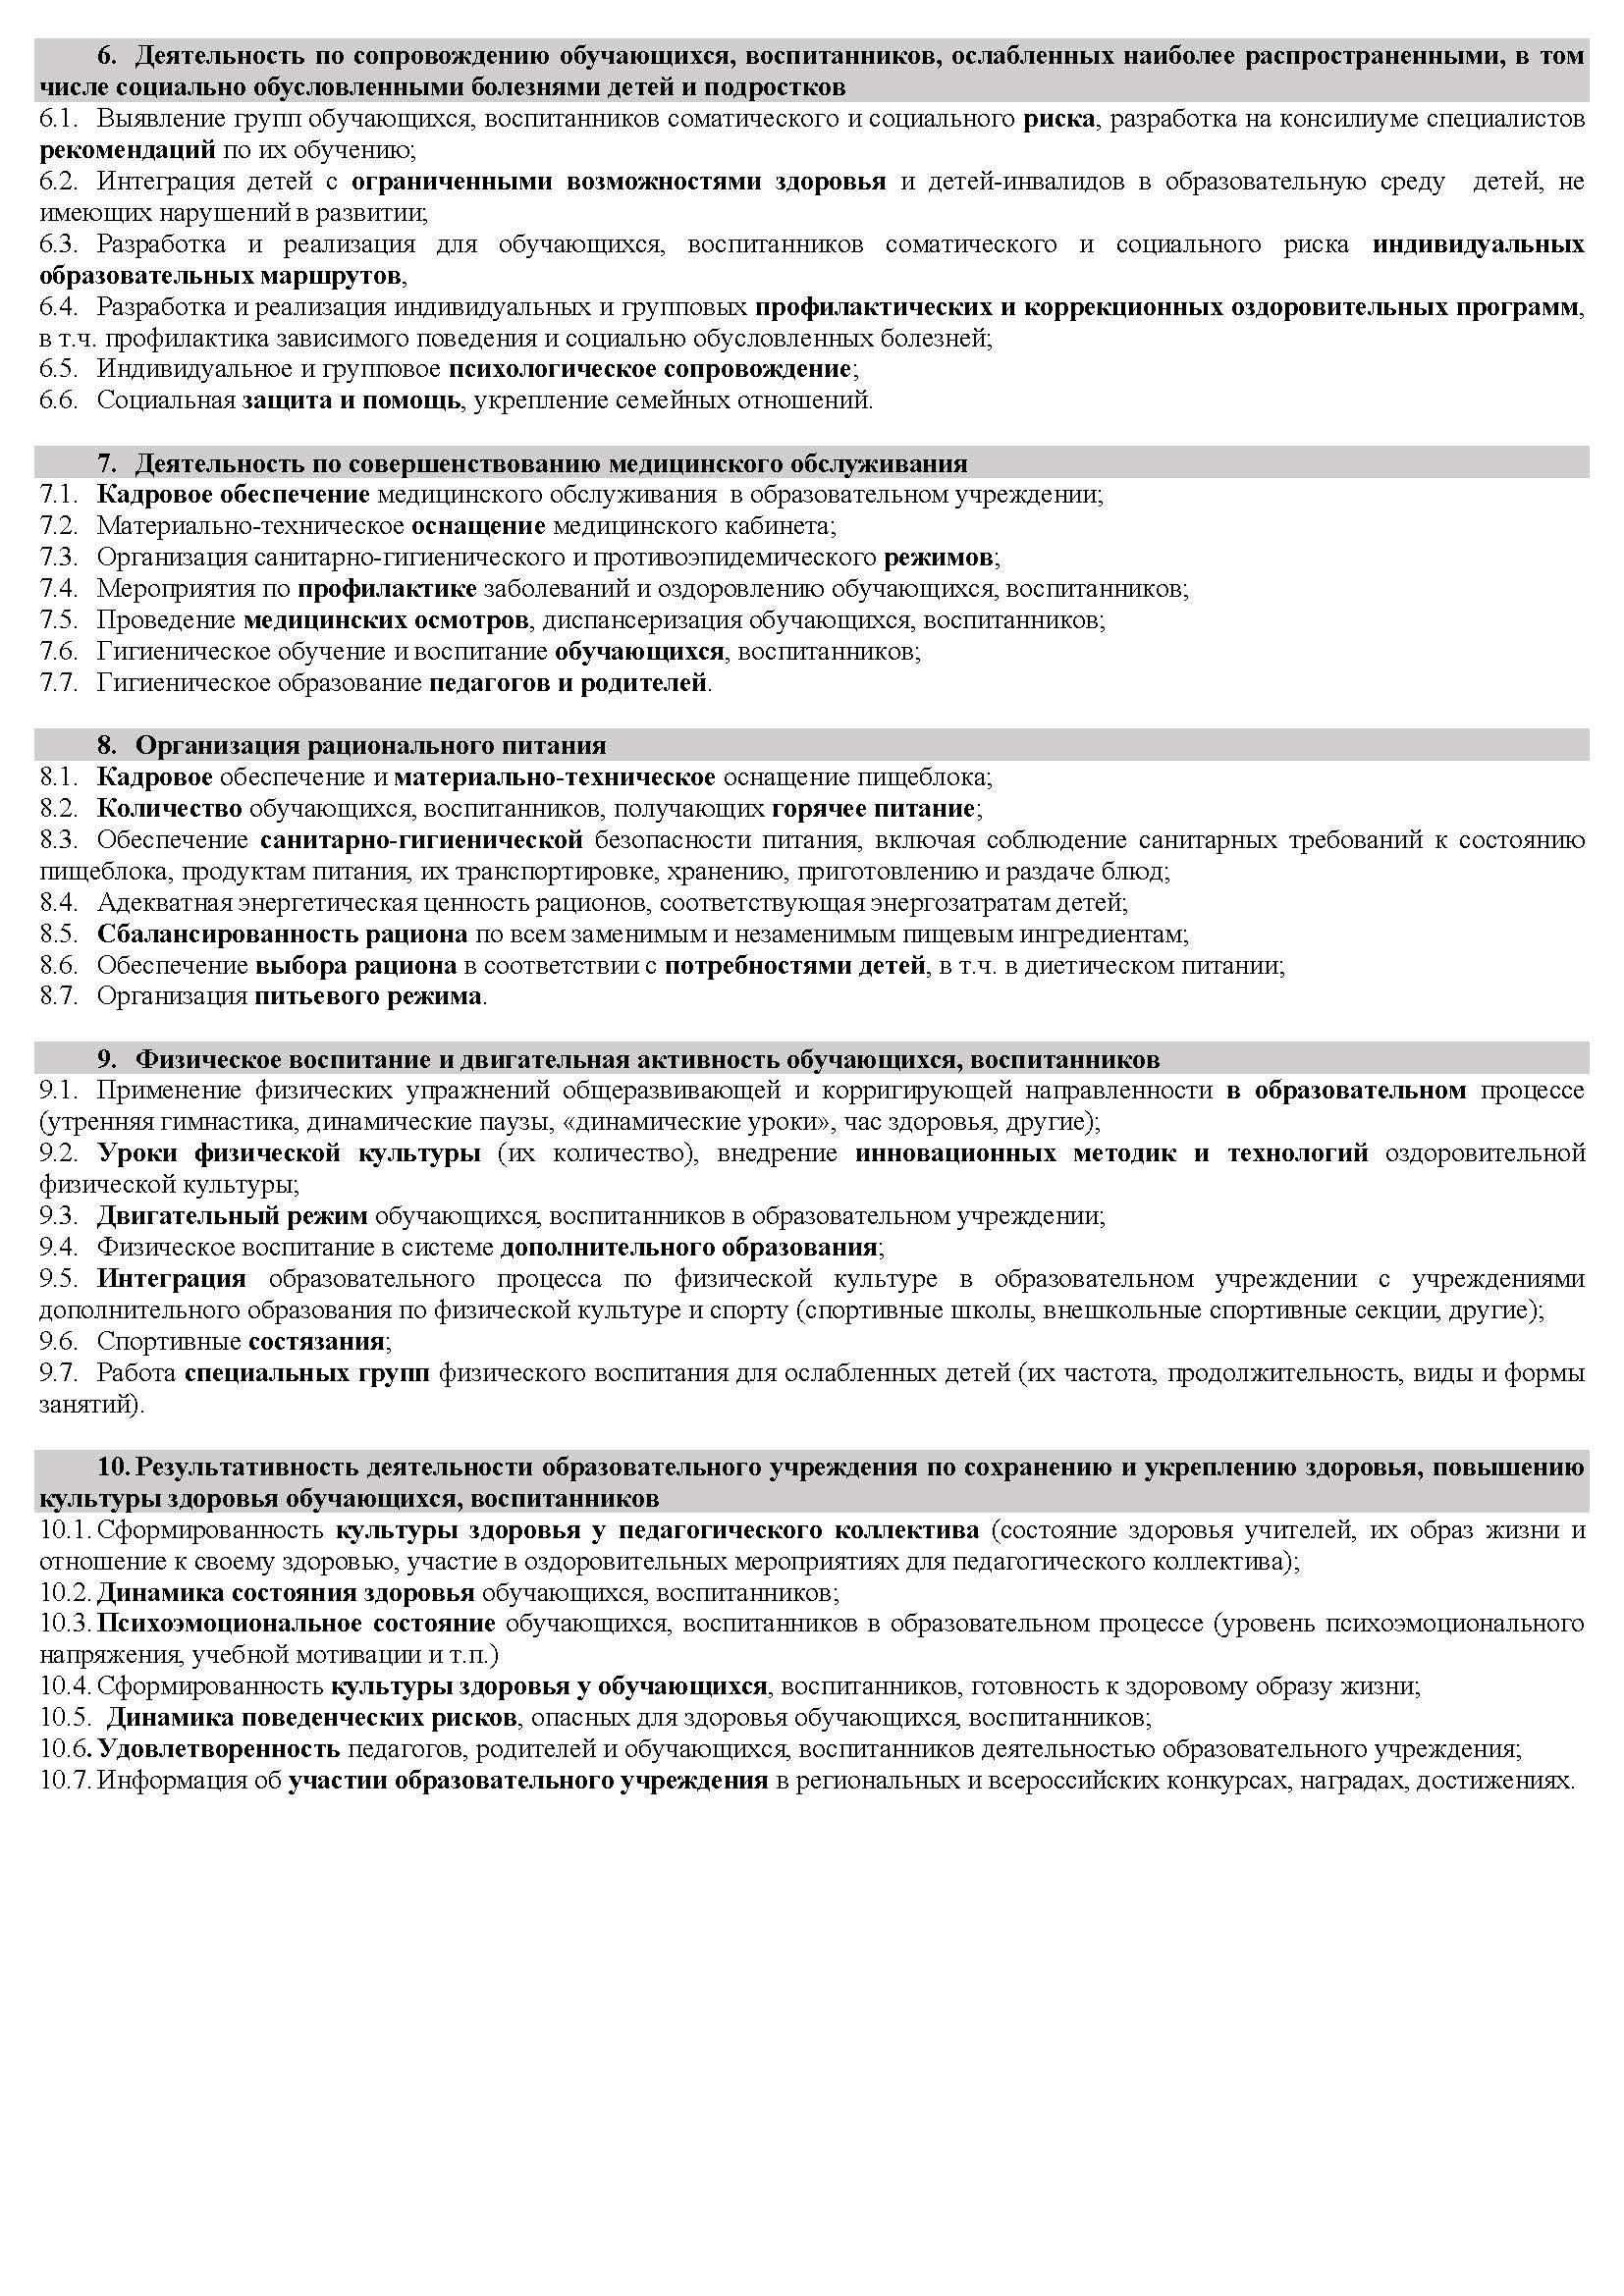 схематично требования города_Страница_2